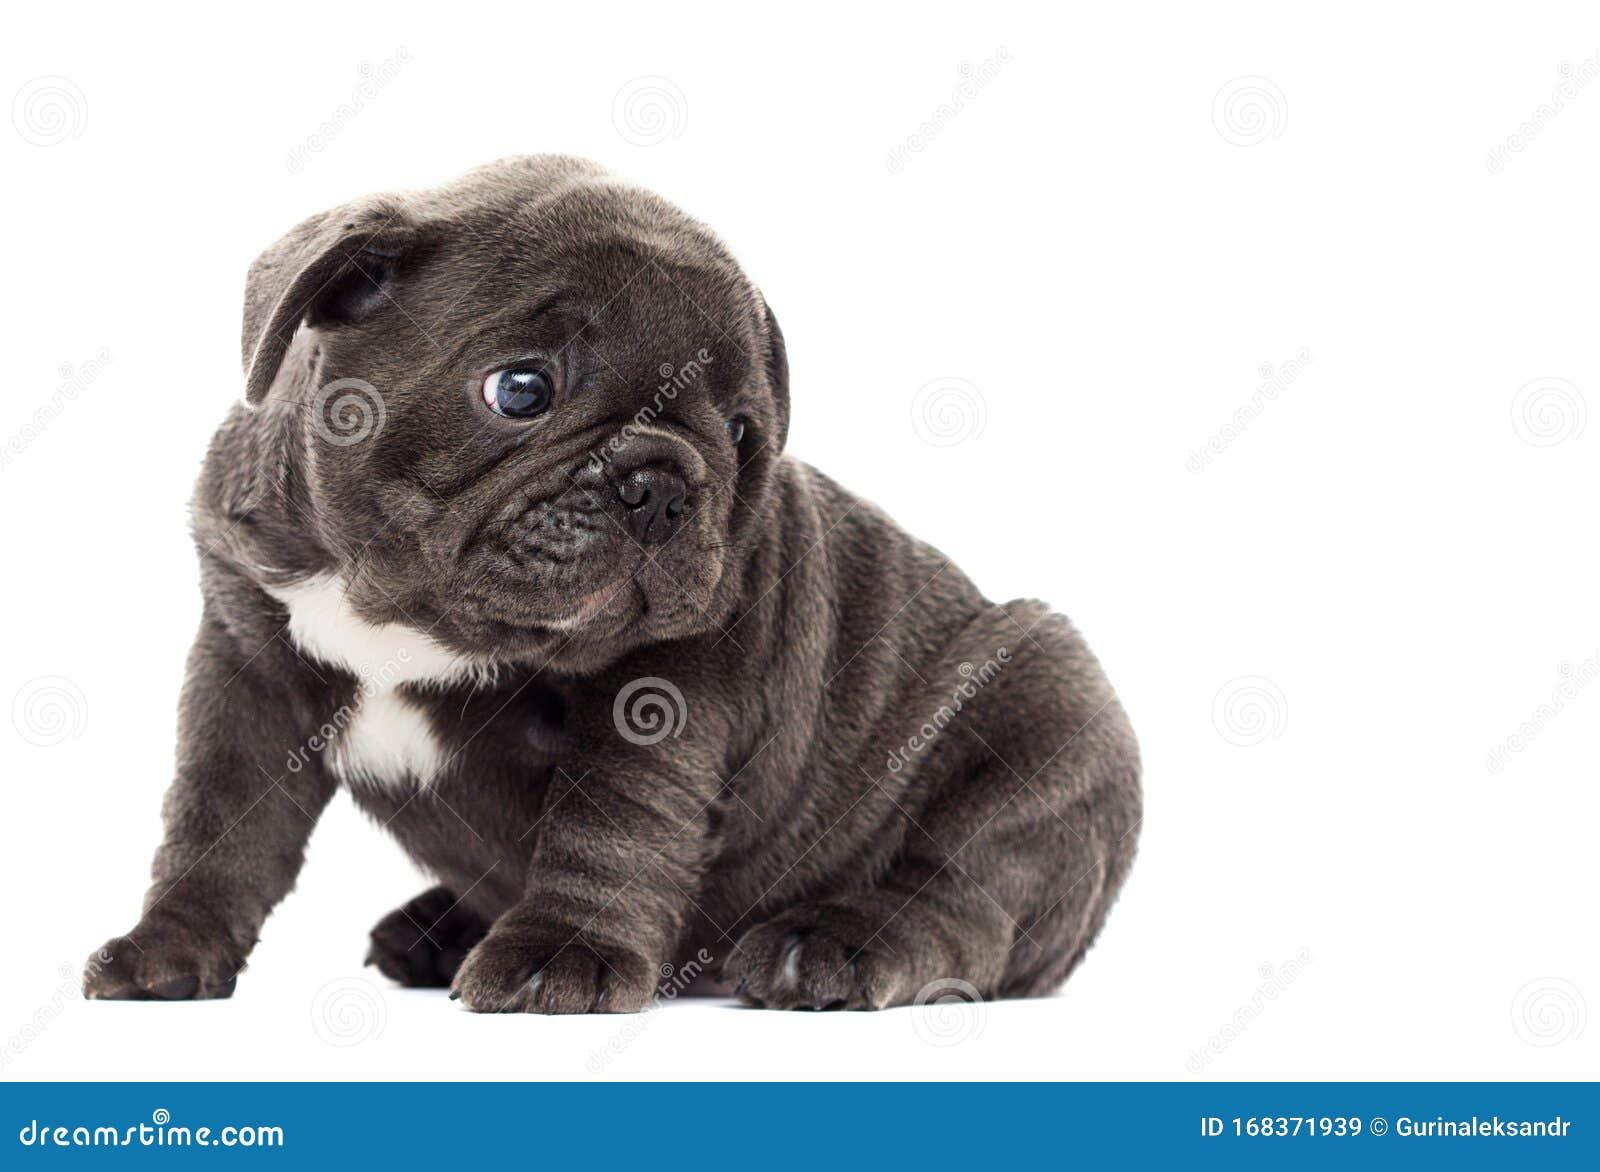 French Bulldog Puppy Looks Sideways Stock Image Image Of Frenchie Pedigree 168371939